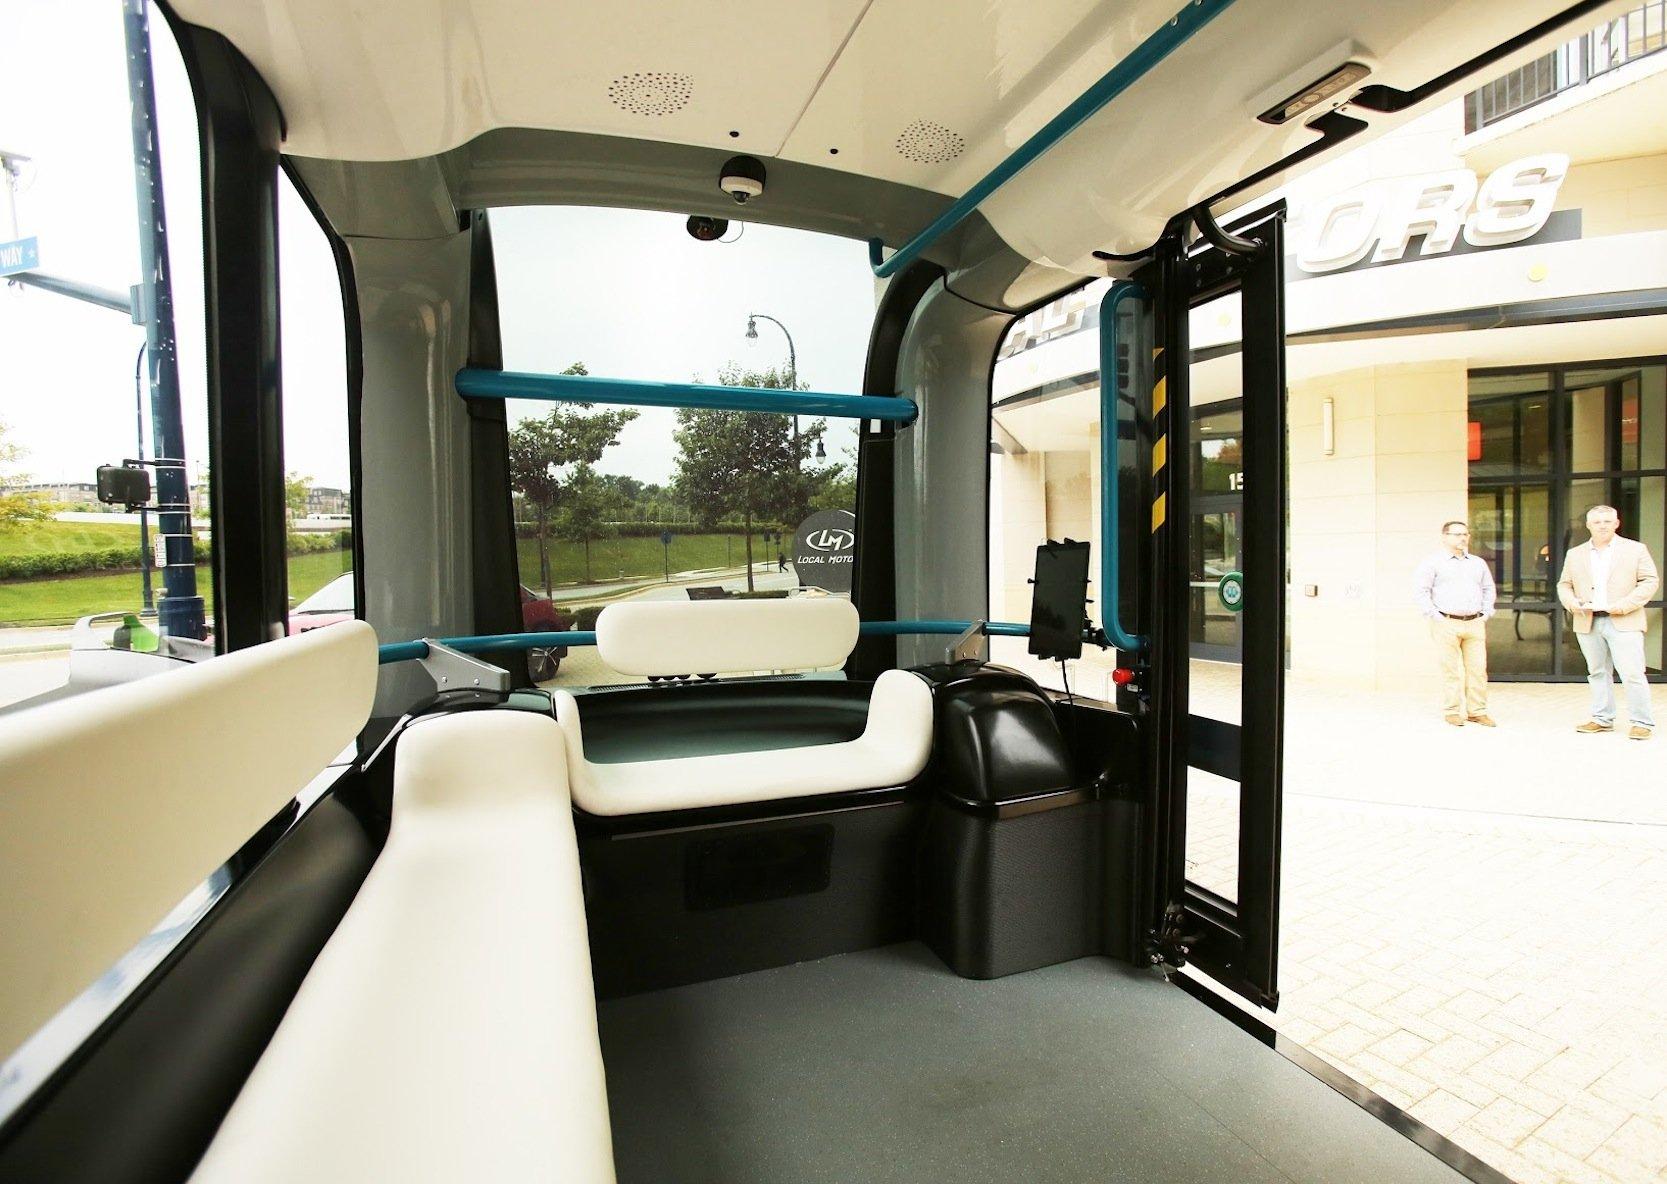 Auf knapp 4 m Länge bietet der Bus aus dem 3D-Drucker zwölf Fahrgästen Platz. Die Stehhöhe beträgt 1,95 m.